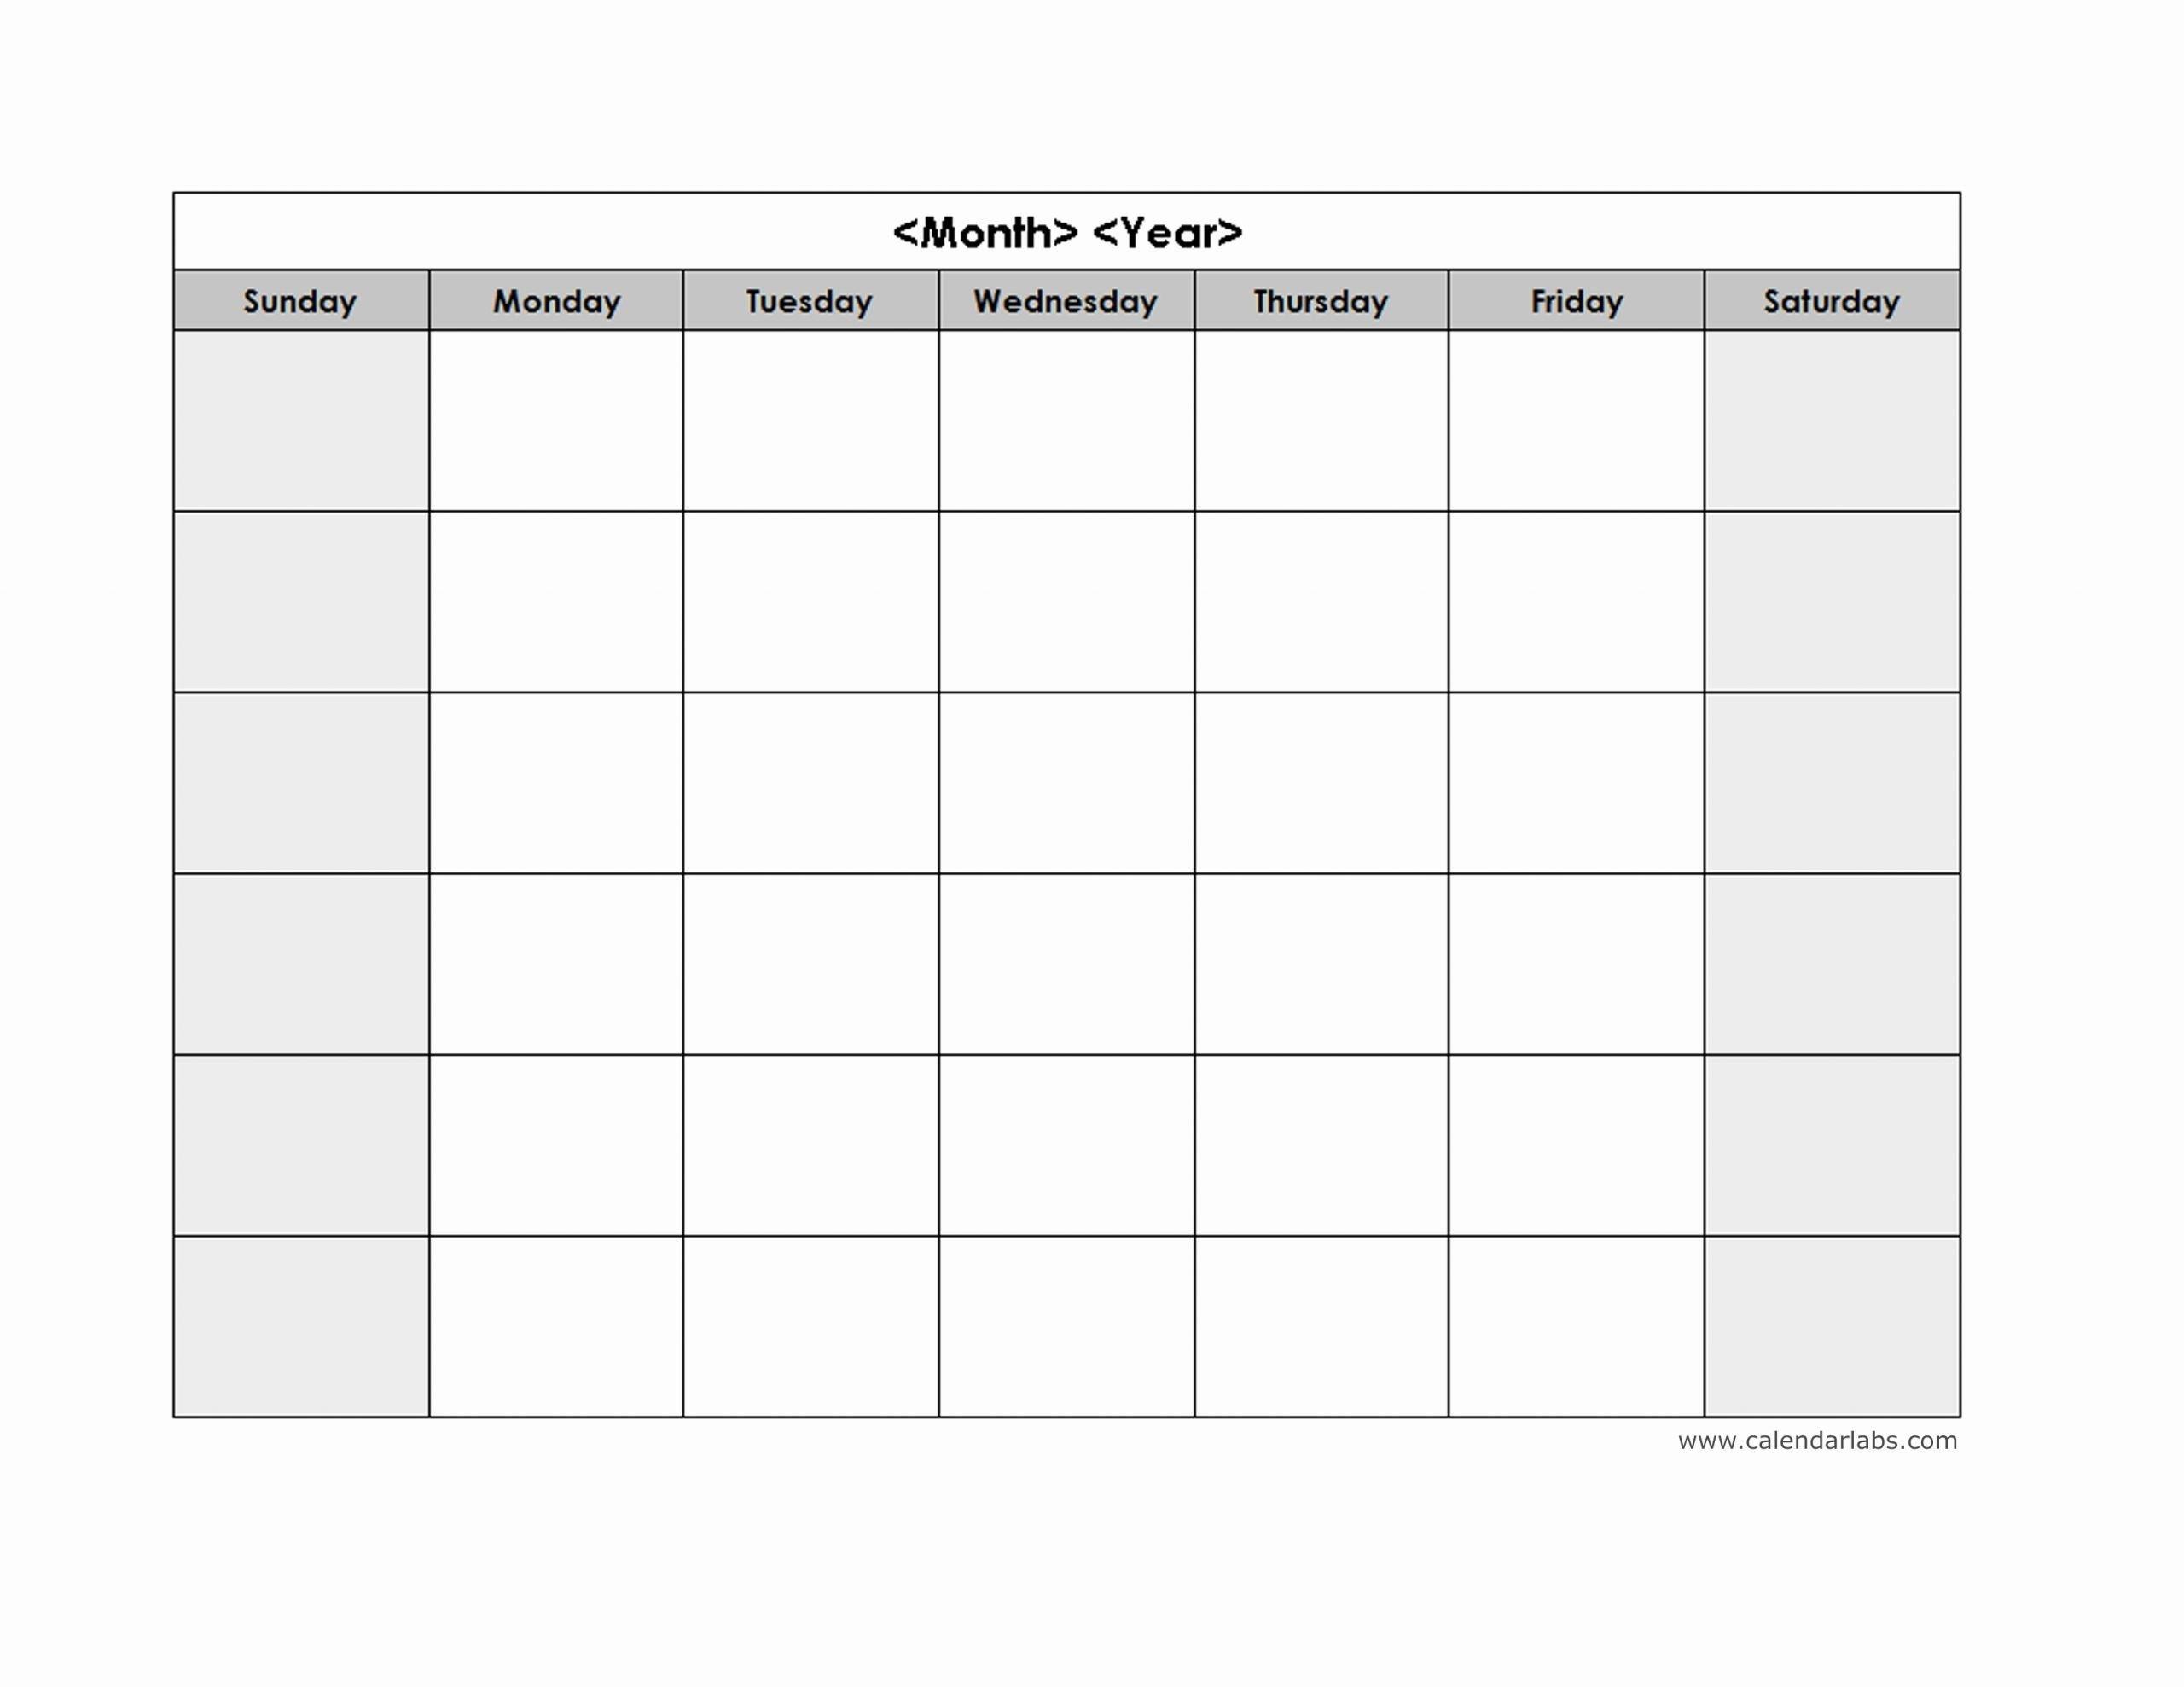 Printable Monday Thru Sunday Calendar For Word | Ten Free regarding Calendar 2021 Monday Through Sunday